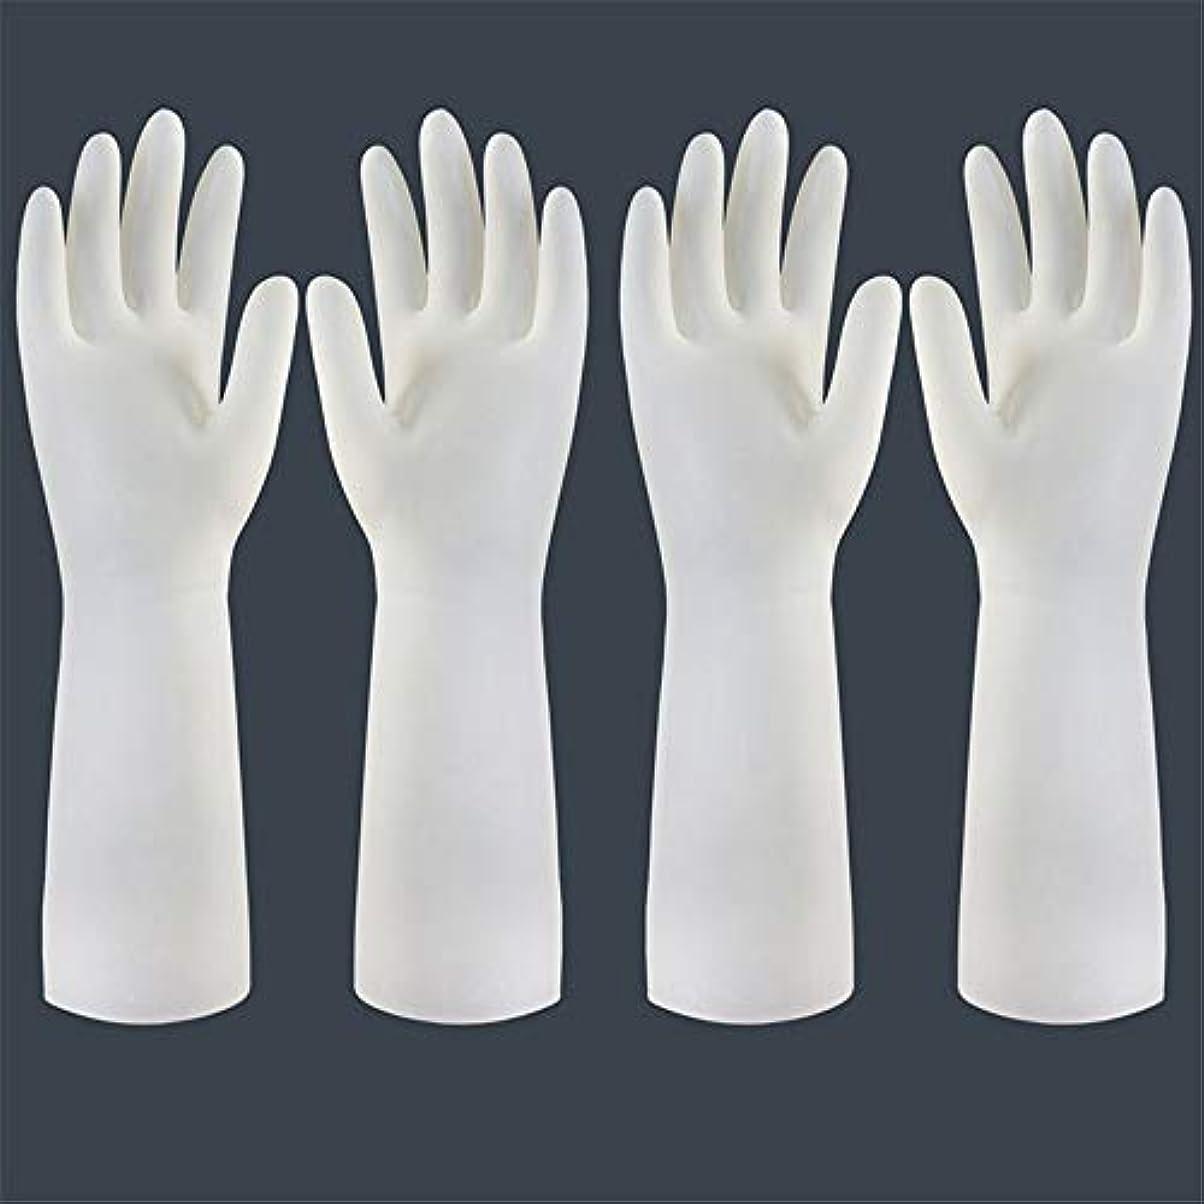 若者イディオムグロー使い捨て手袋 使い捨て手袋の防水および耐久のゴム製台所手袋、小/中/大 ニトリルゴム手袋 (Color : Long-2 pair, Size : S)